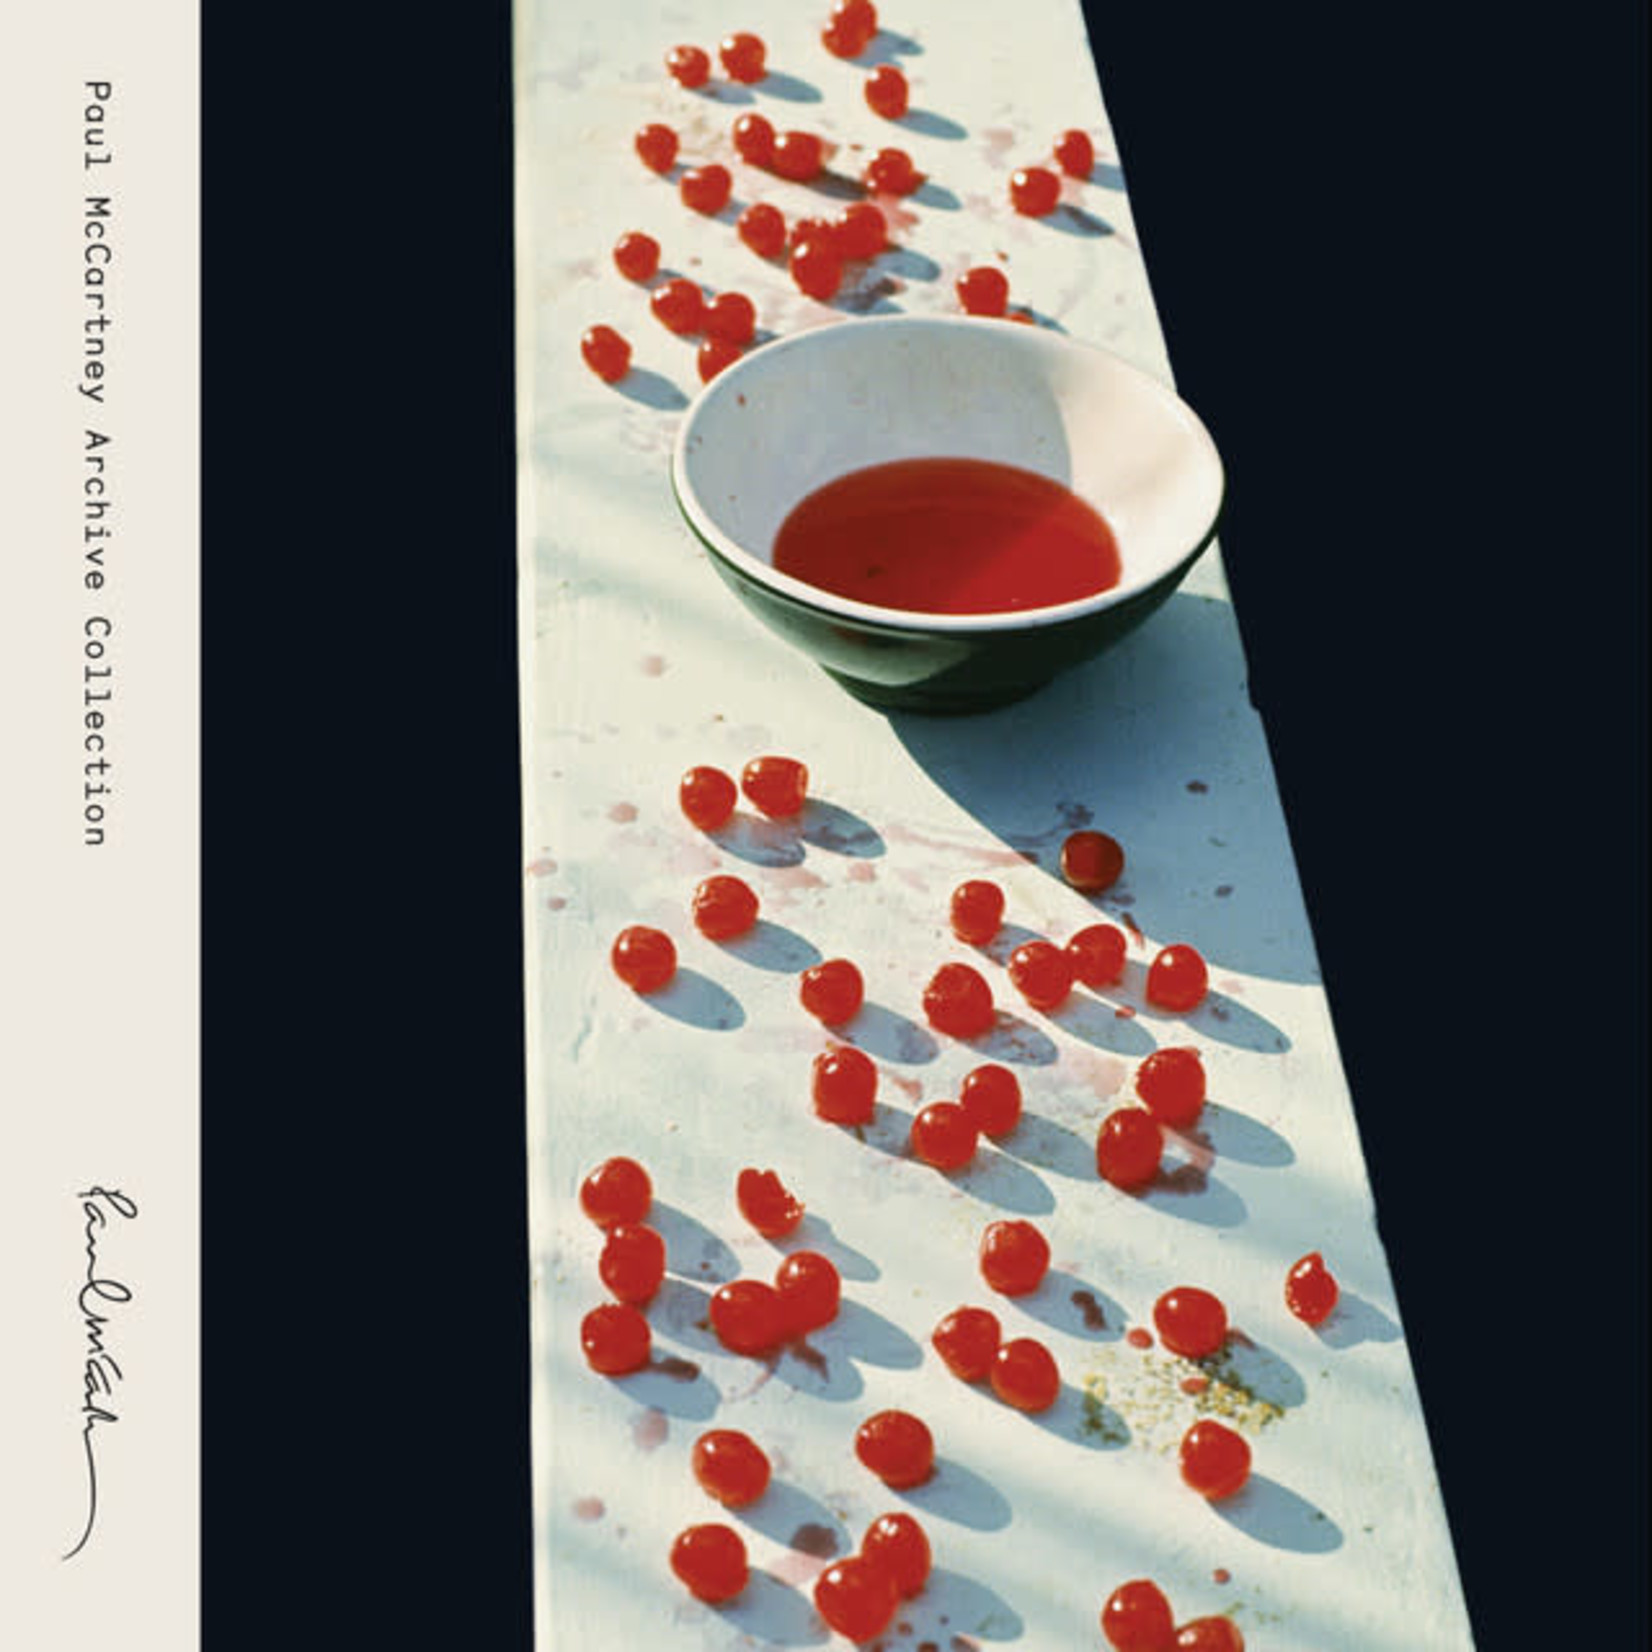 Vinyl Paul McCartney - McCartney